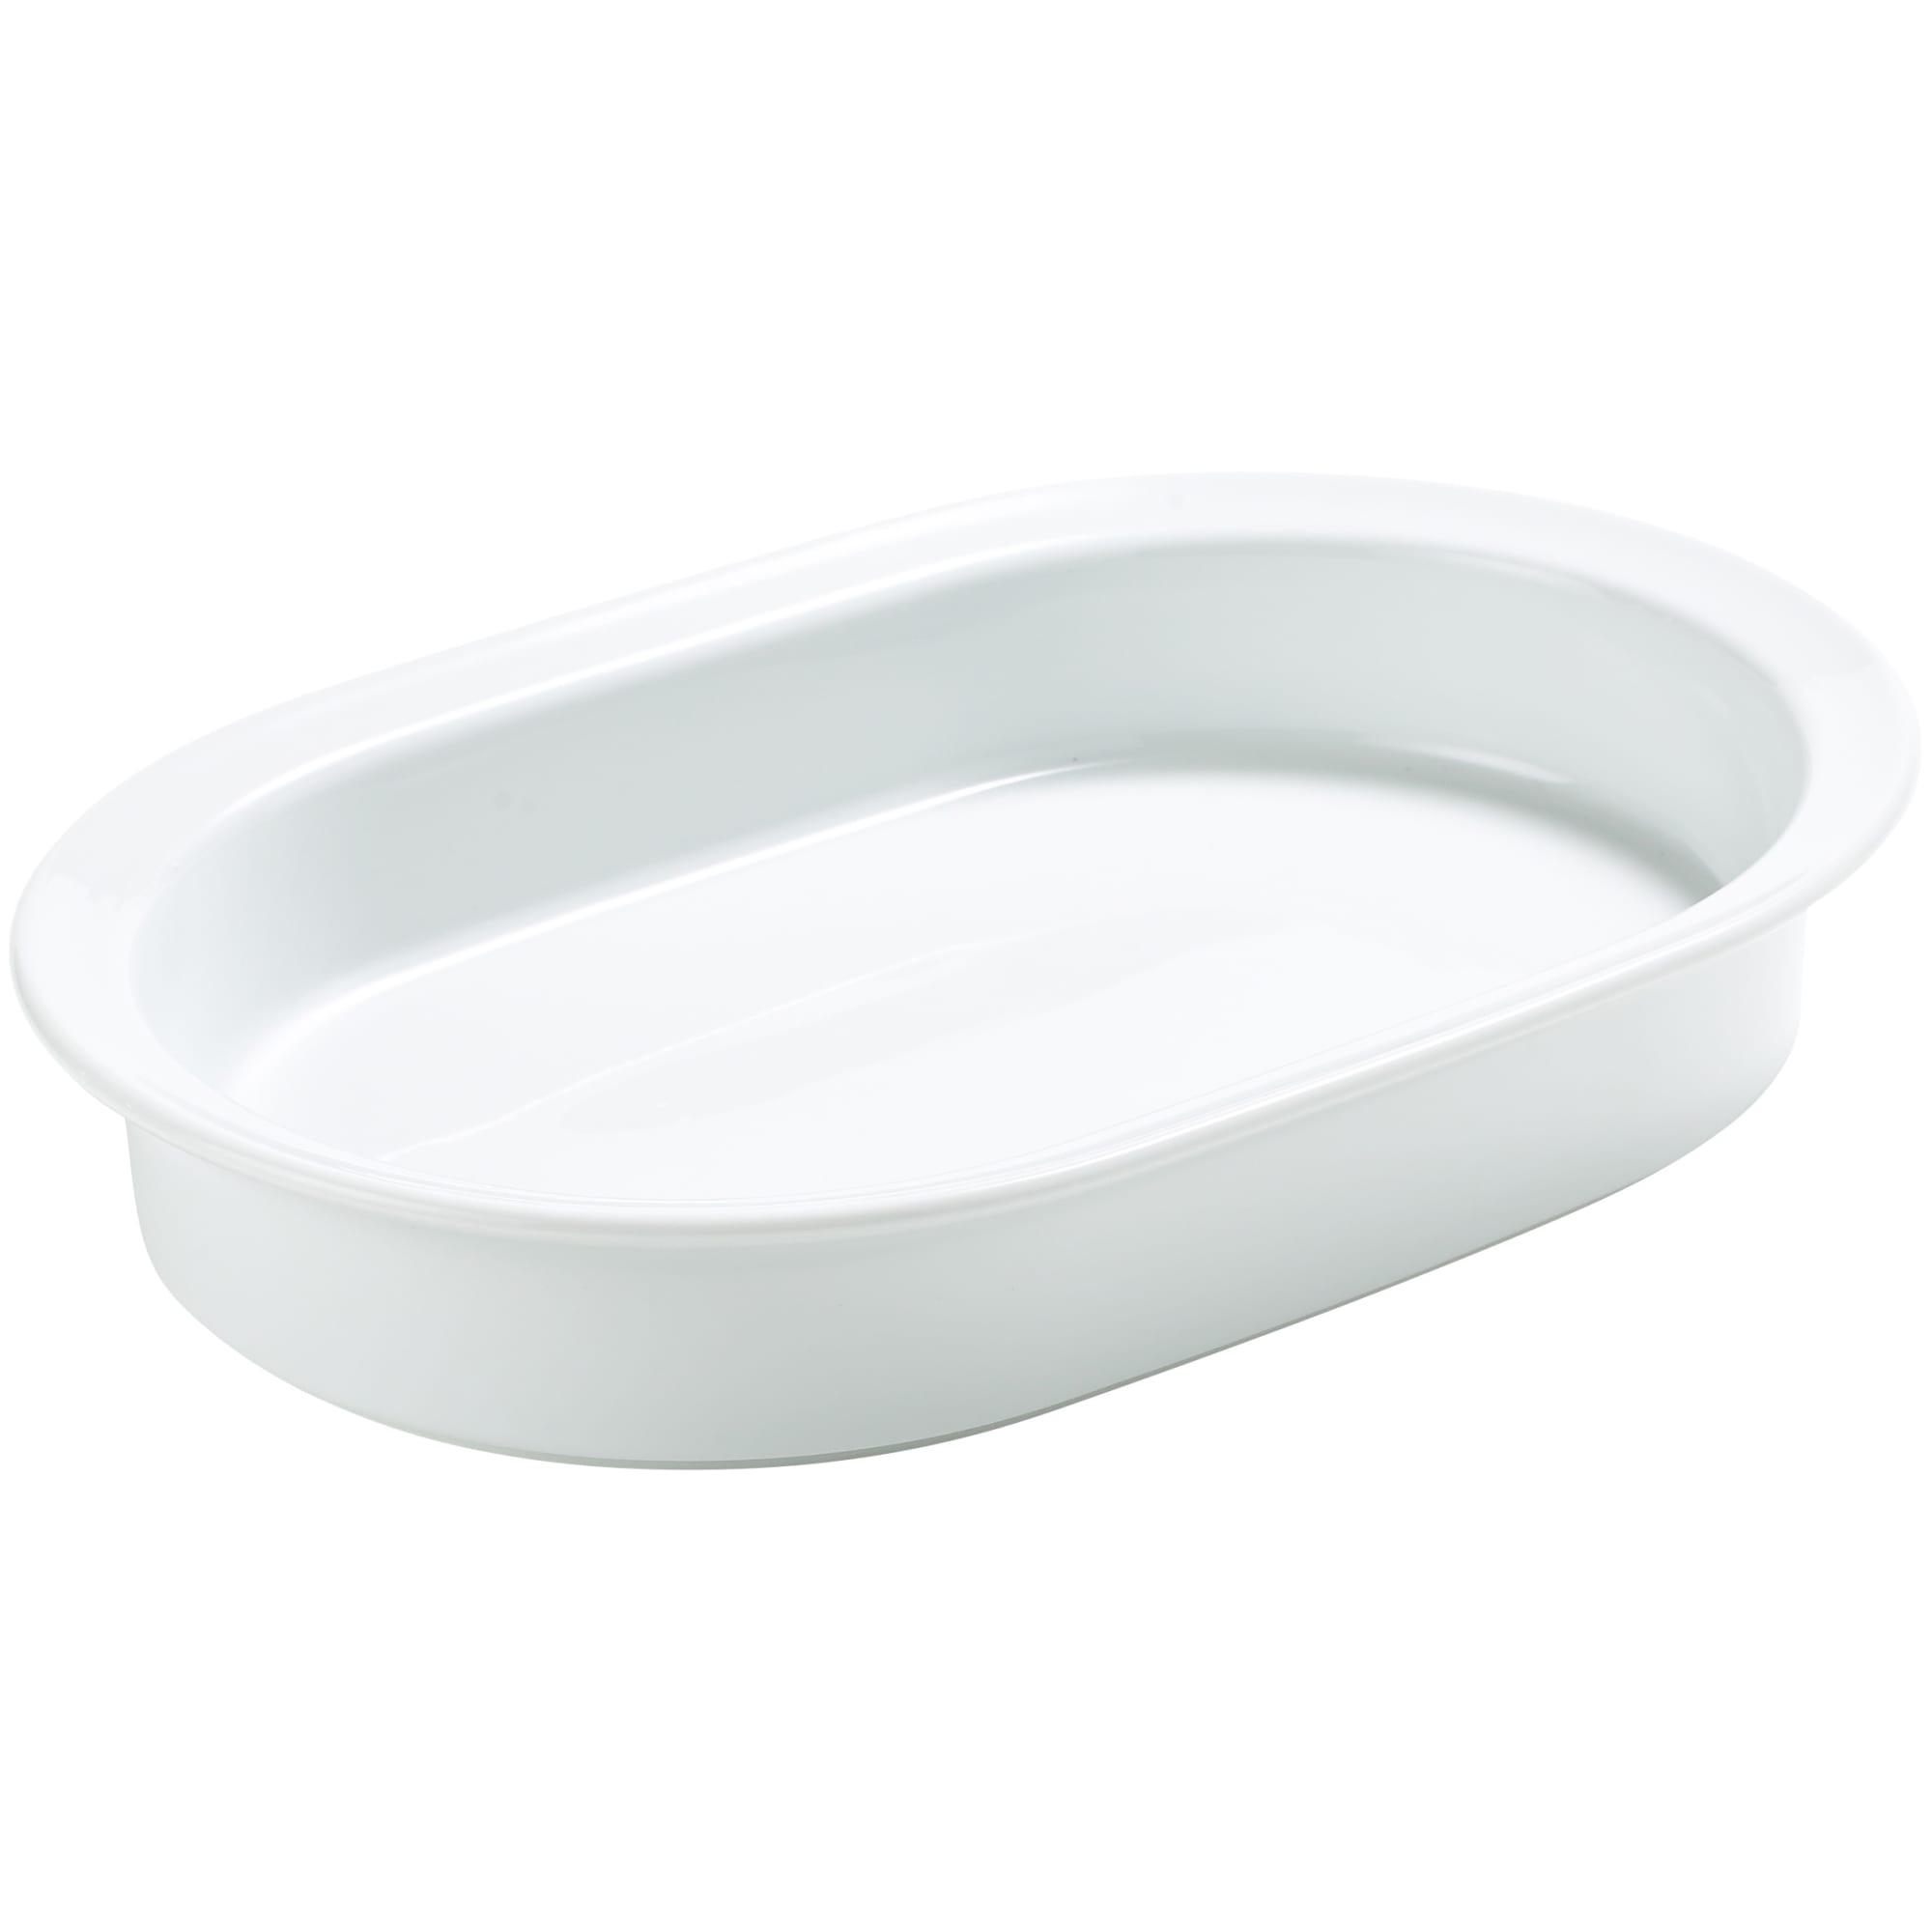 L 36 cm - Porcelæn